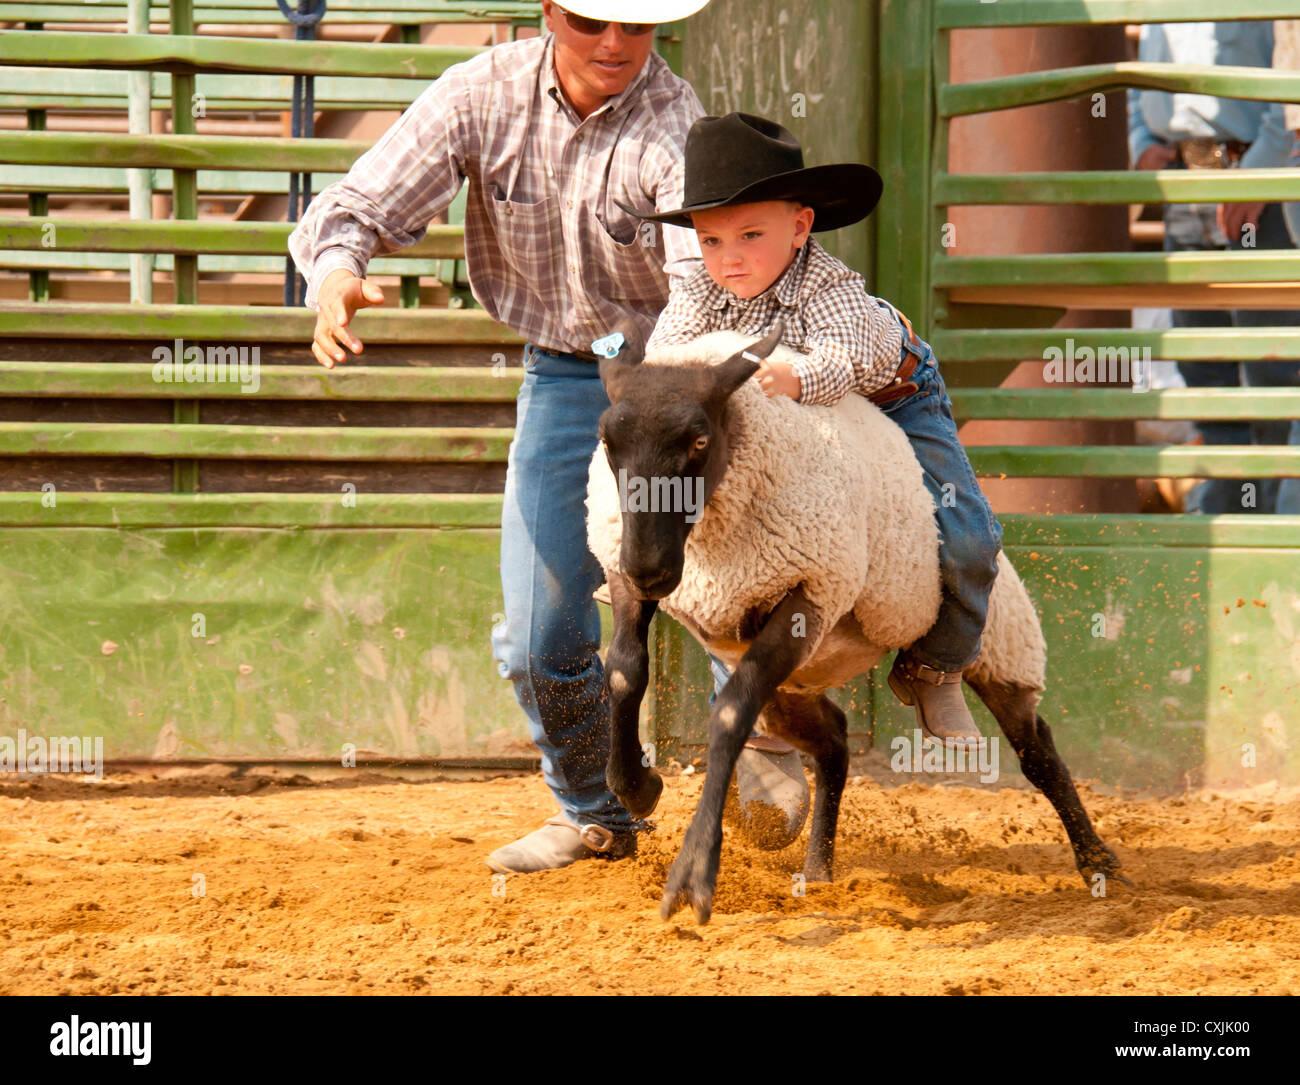 Joven Vaquero montando ovejas durante el cordero Busting caso Rodeo Bruneau, Idaho. Ee.Uu. Imagen De Stock